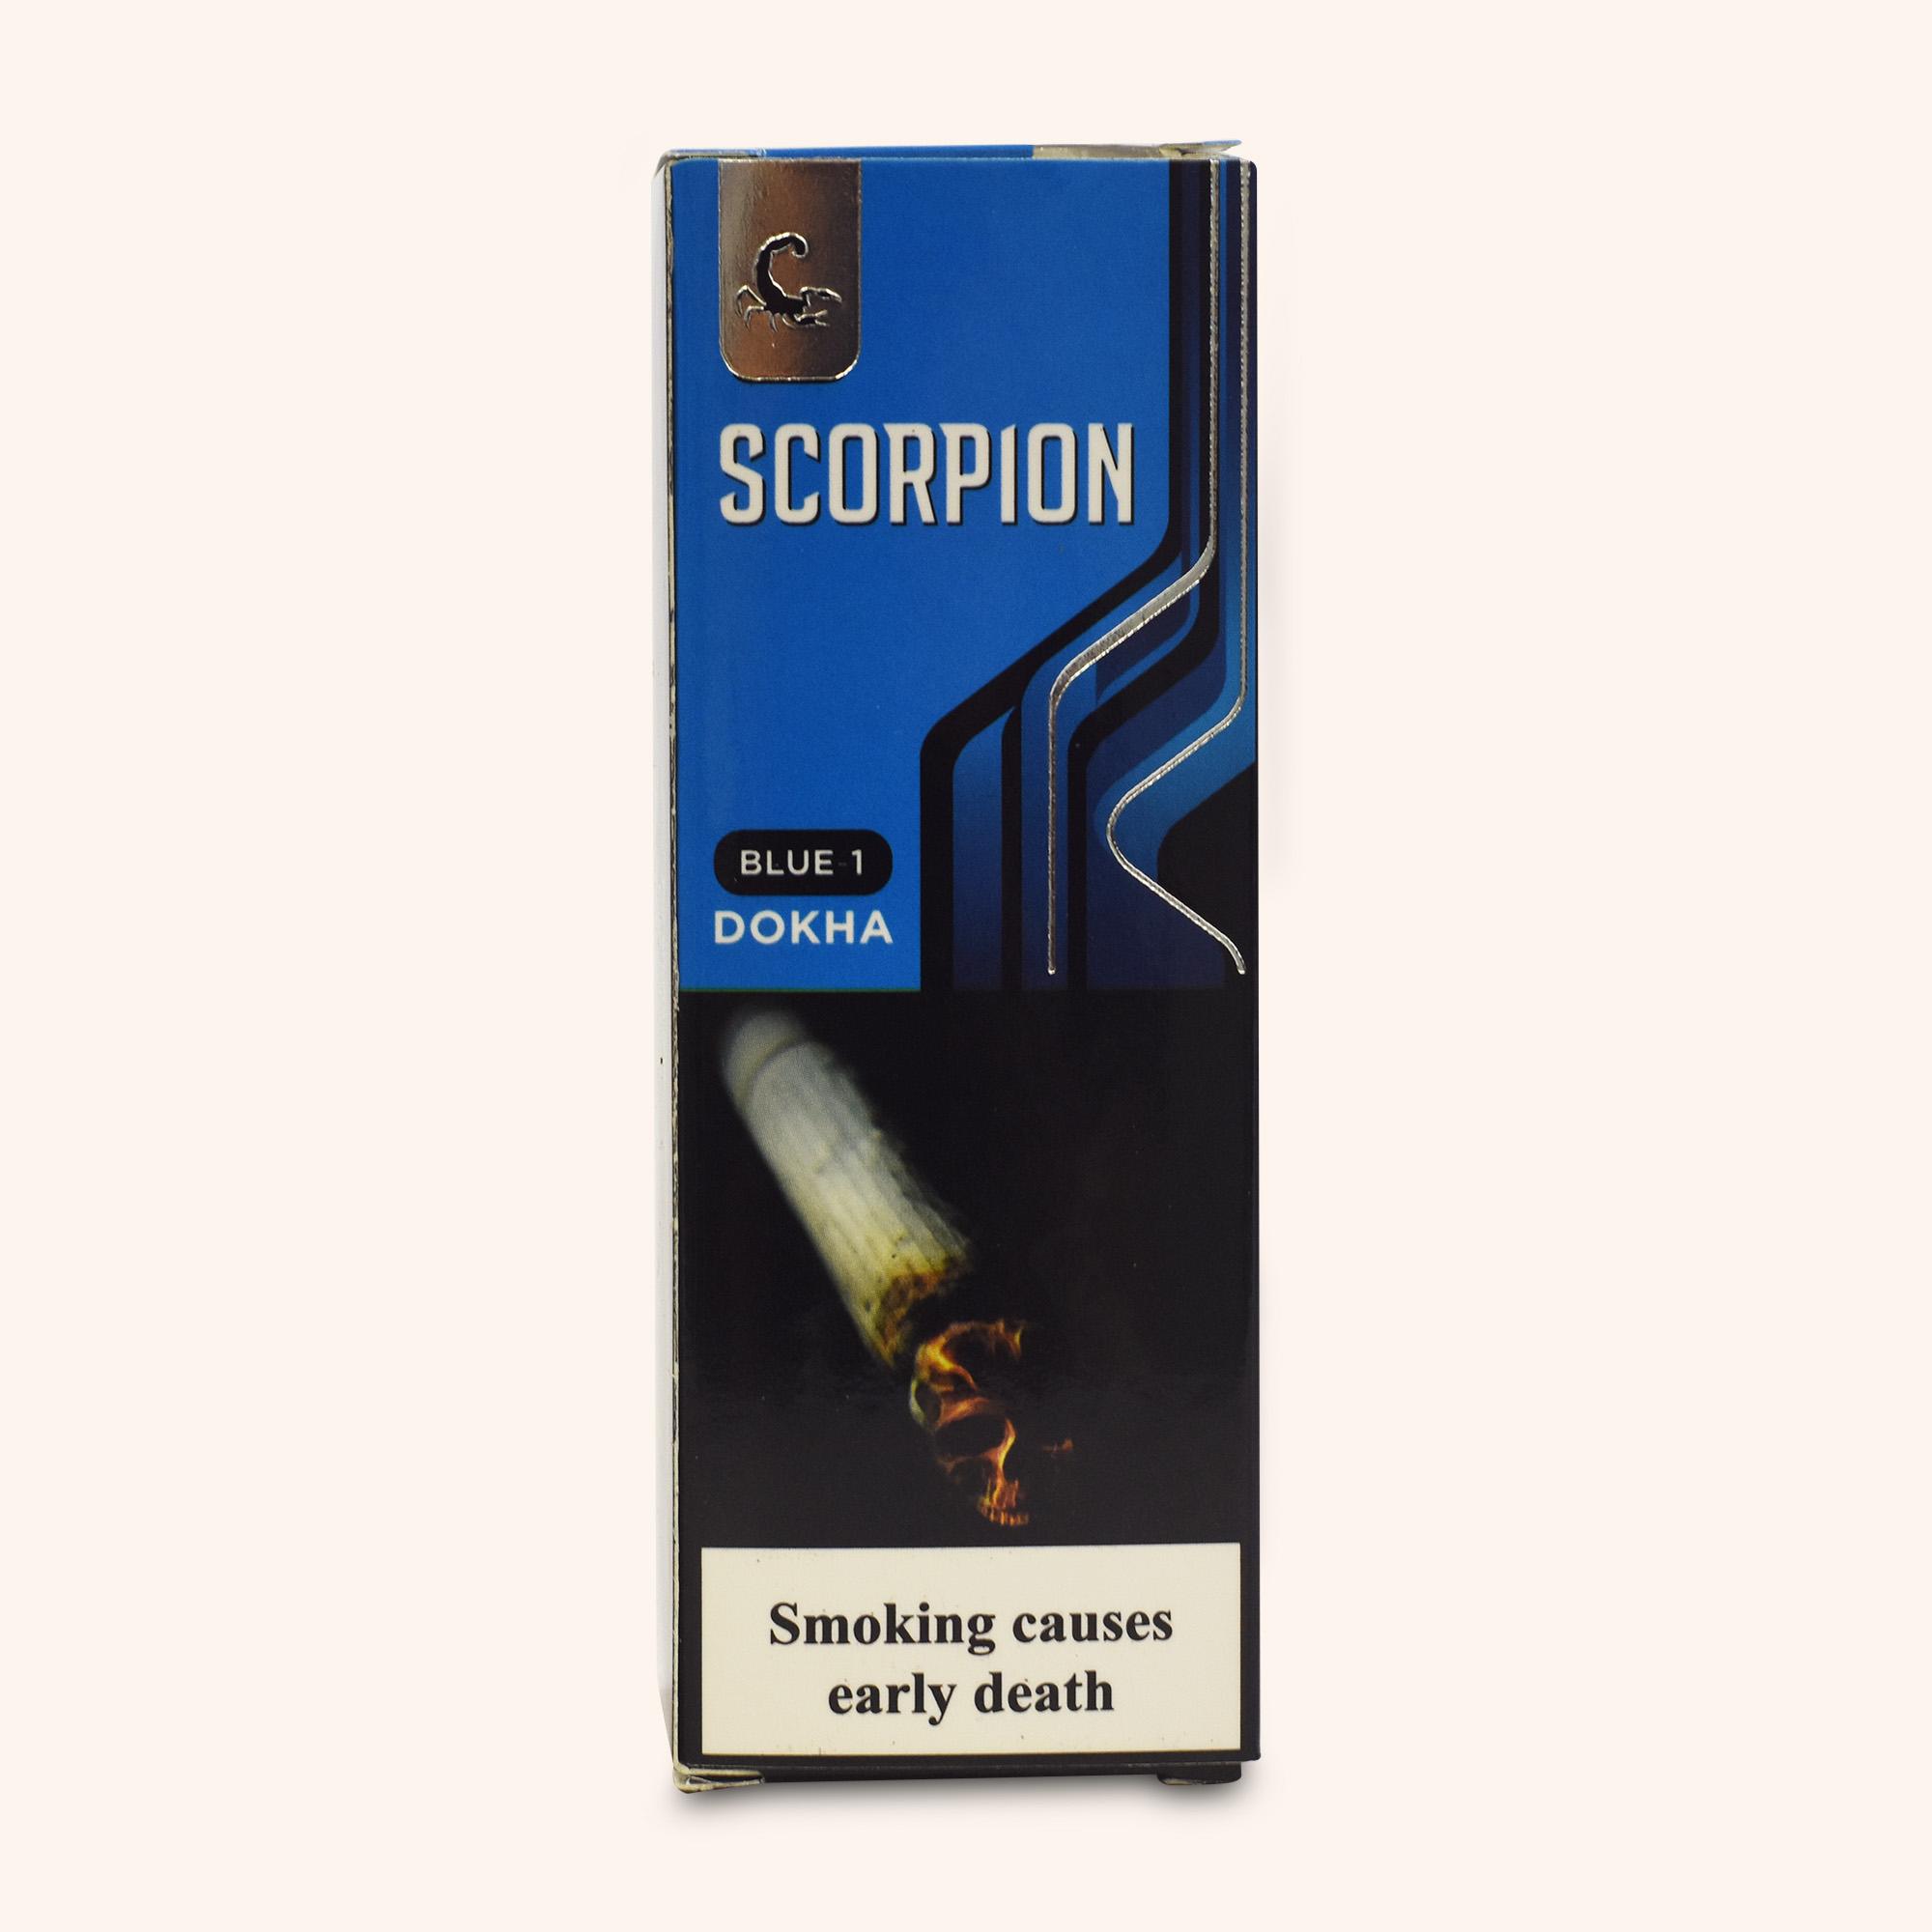 Scorpion Blue Dokha